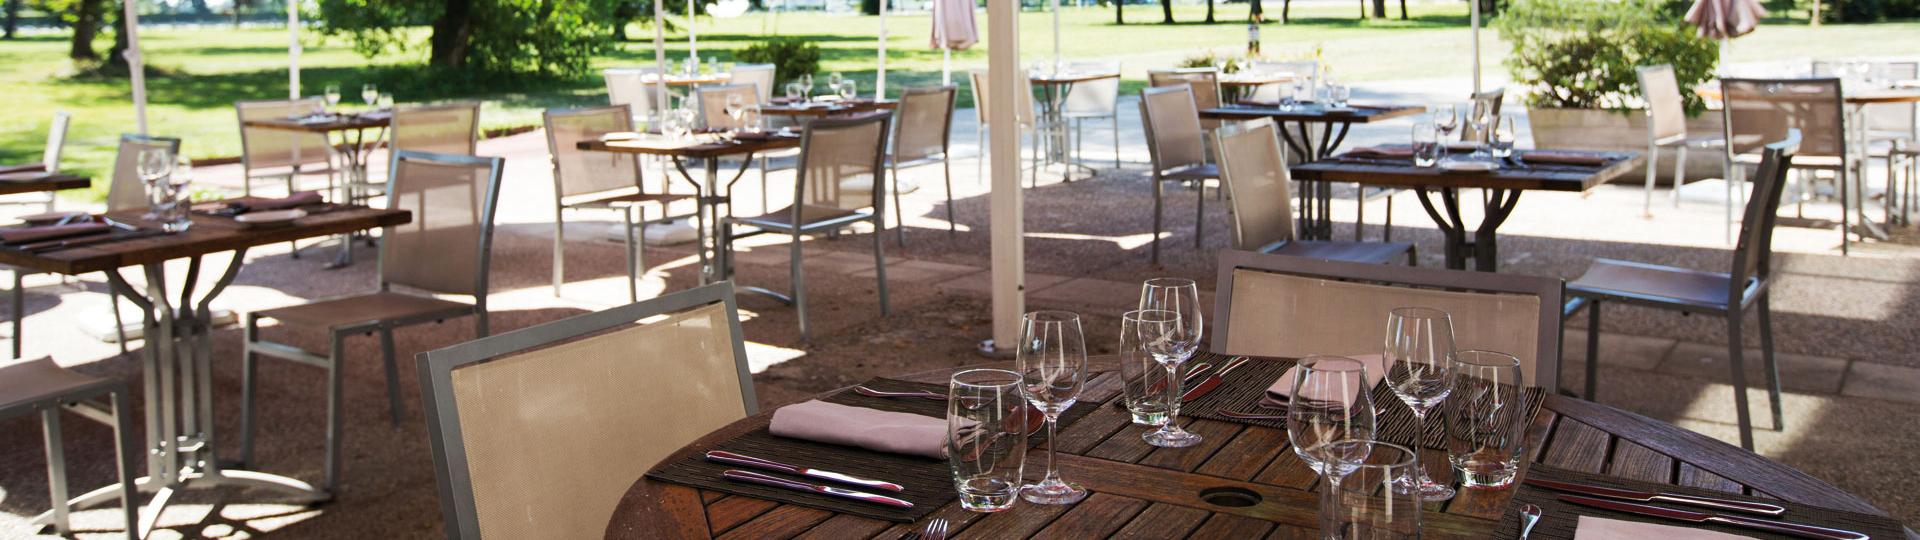 L'Atelier restaurant à Divonne-les-Bains